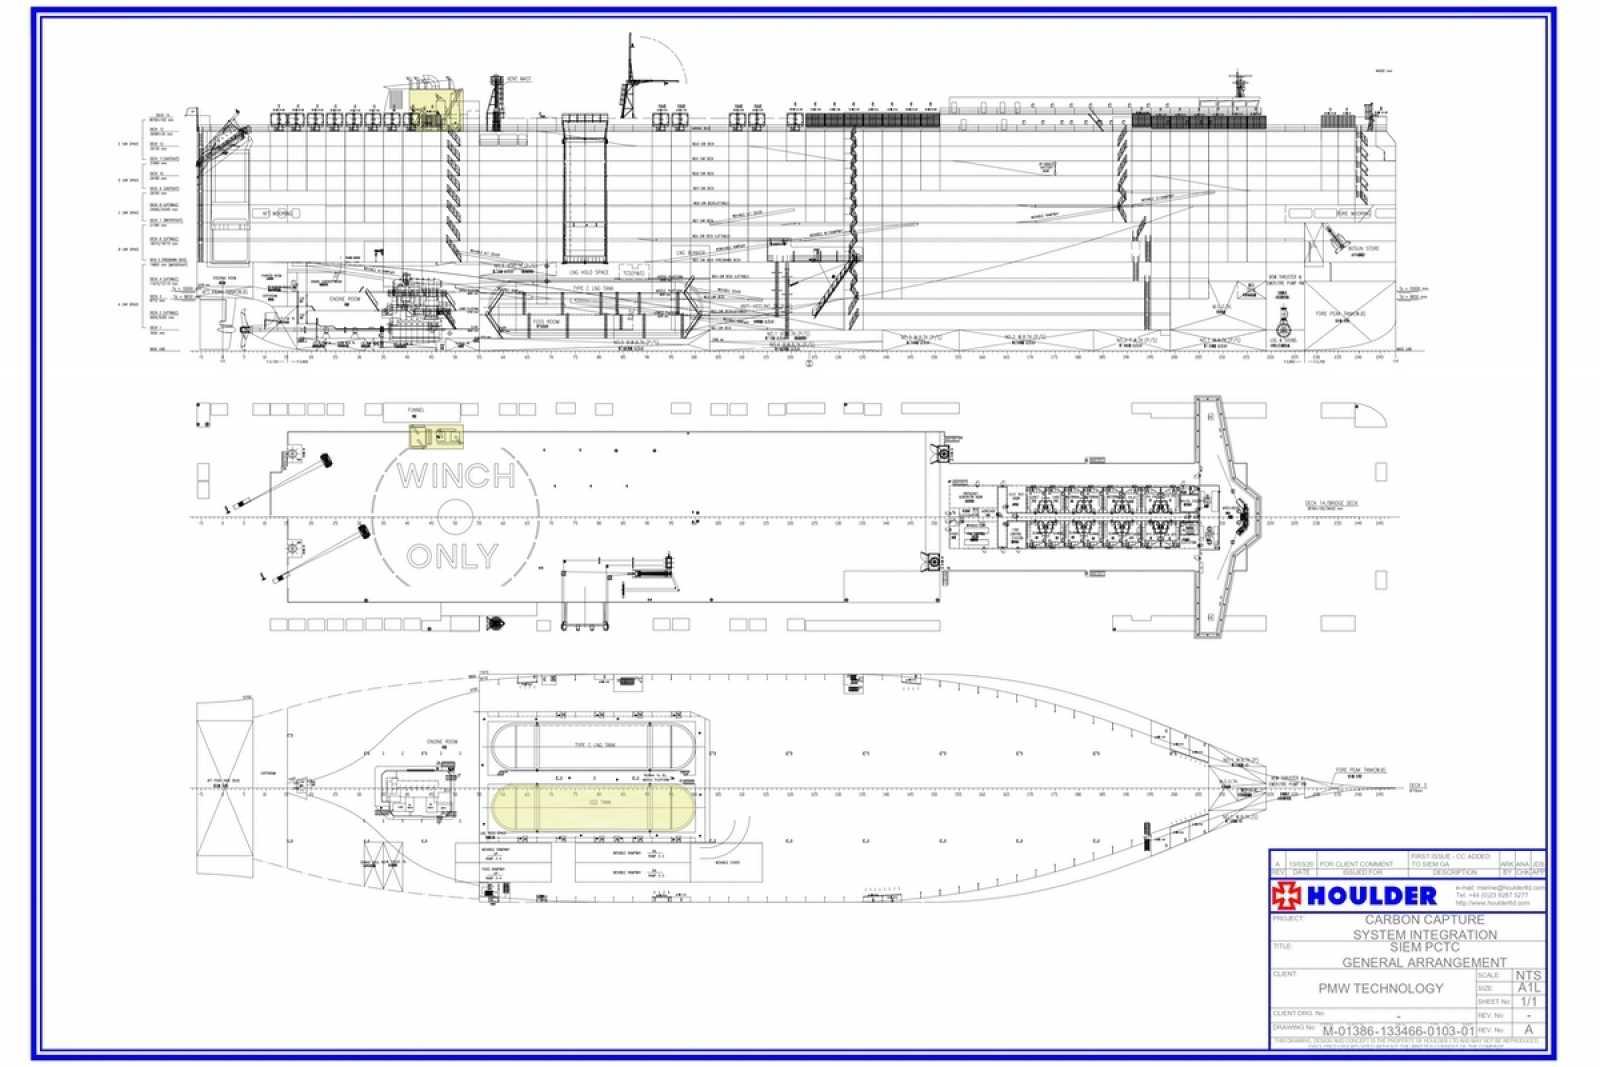 Siem Car Carrier Houlder image